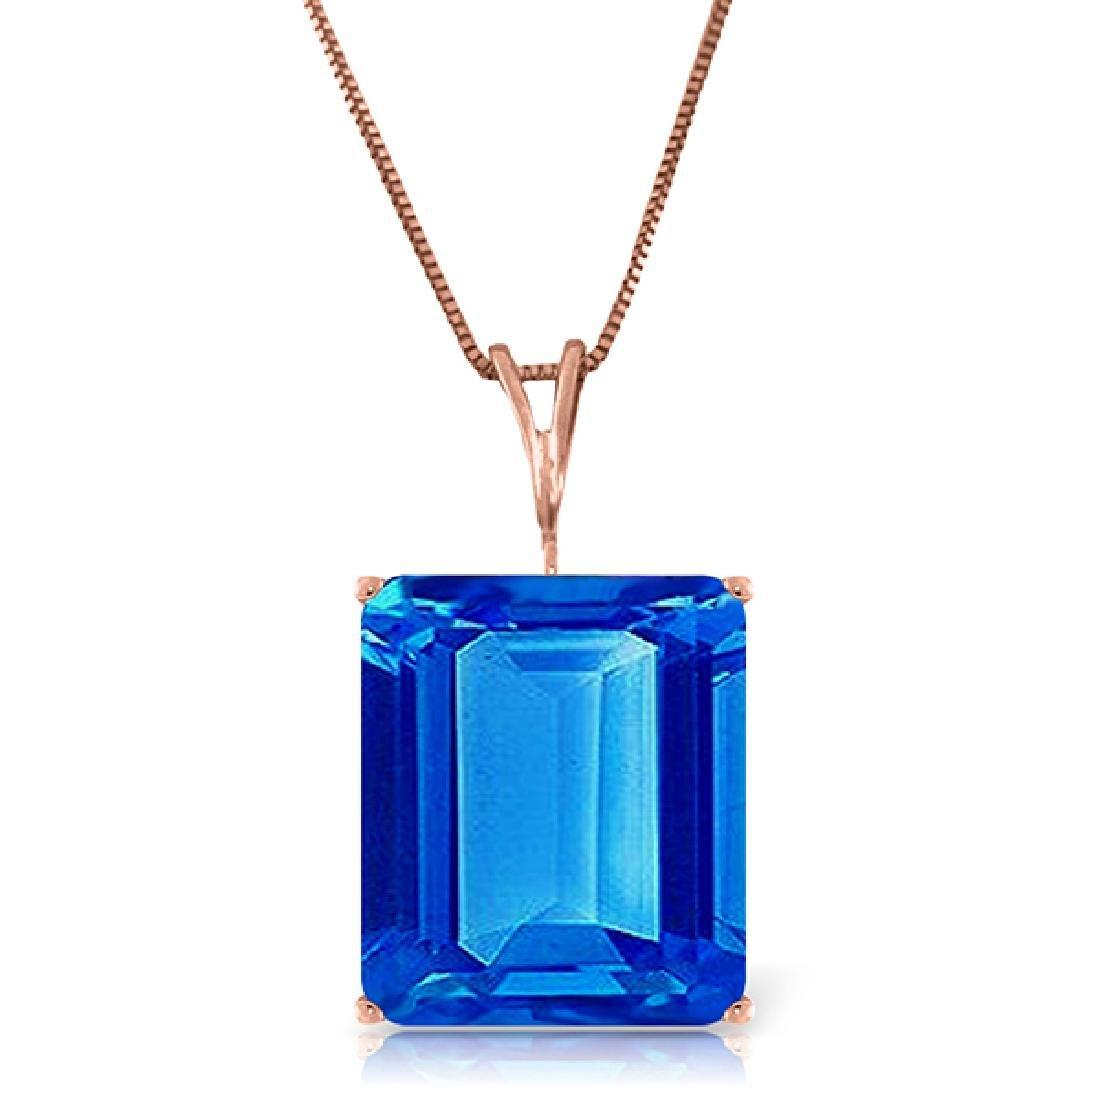 Genuine 7 ctw Blue Topaz Necklace Jewelry 14KT Rose